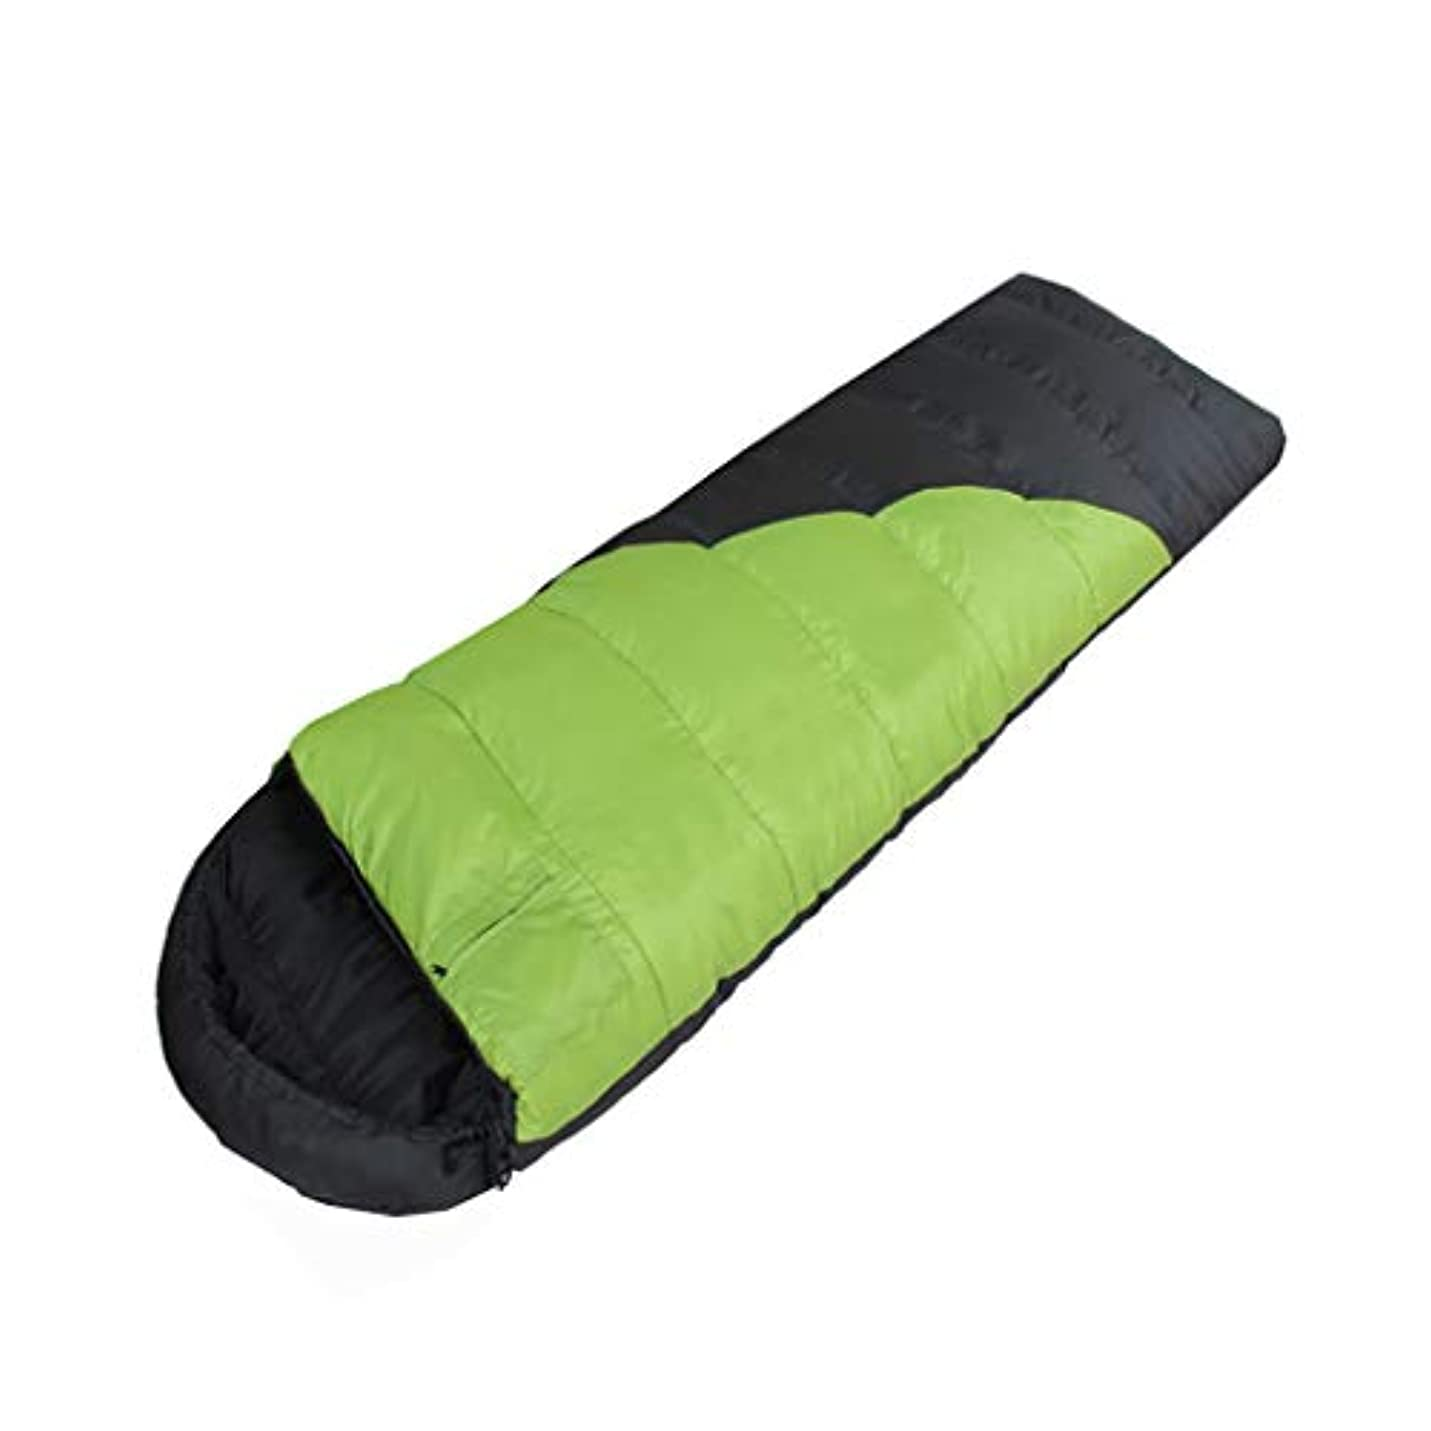 サラダバーマド失態LCSHAN 寝袋ポリエステルポリエステルアダルト屋外ウォーム多目的キャンプ防水 (色 : Green)